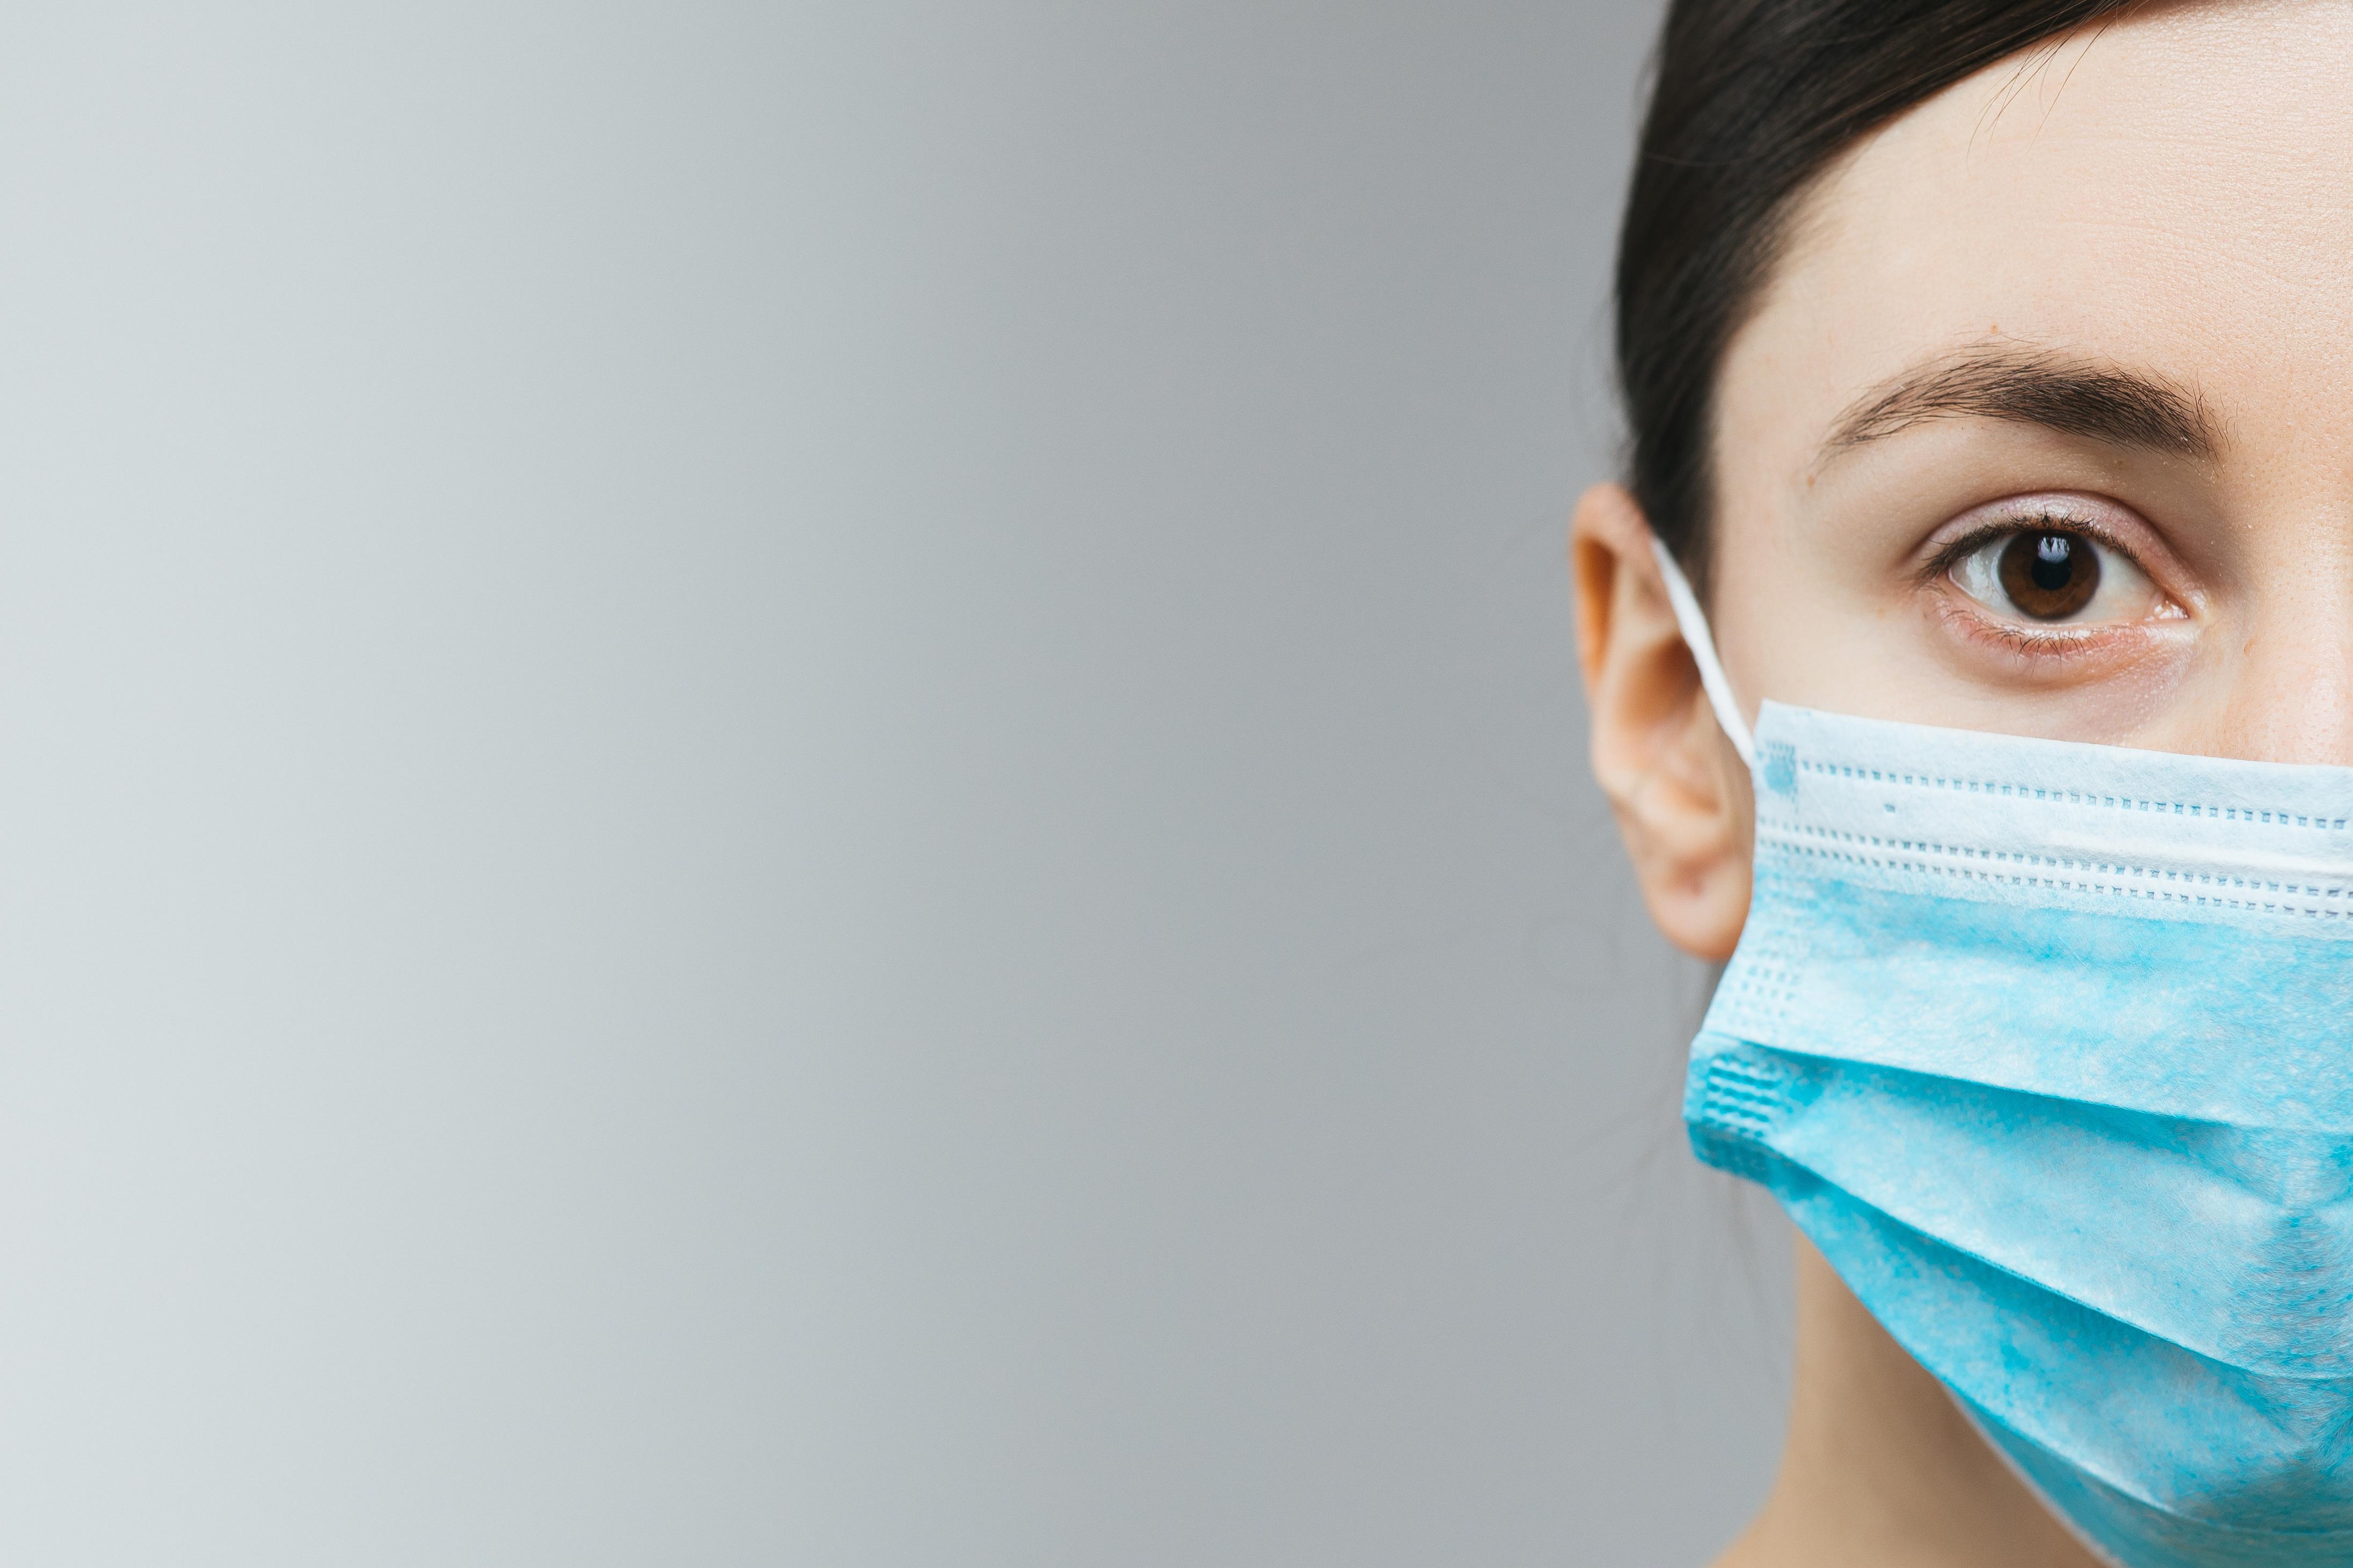 Début mars, ils ont reçu au mieux 50 masques, parfois une seule boite pour un cabinet de plusieurs infirmiers. Ce n'est plus possible.